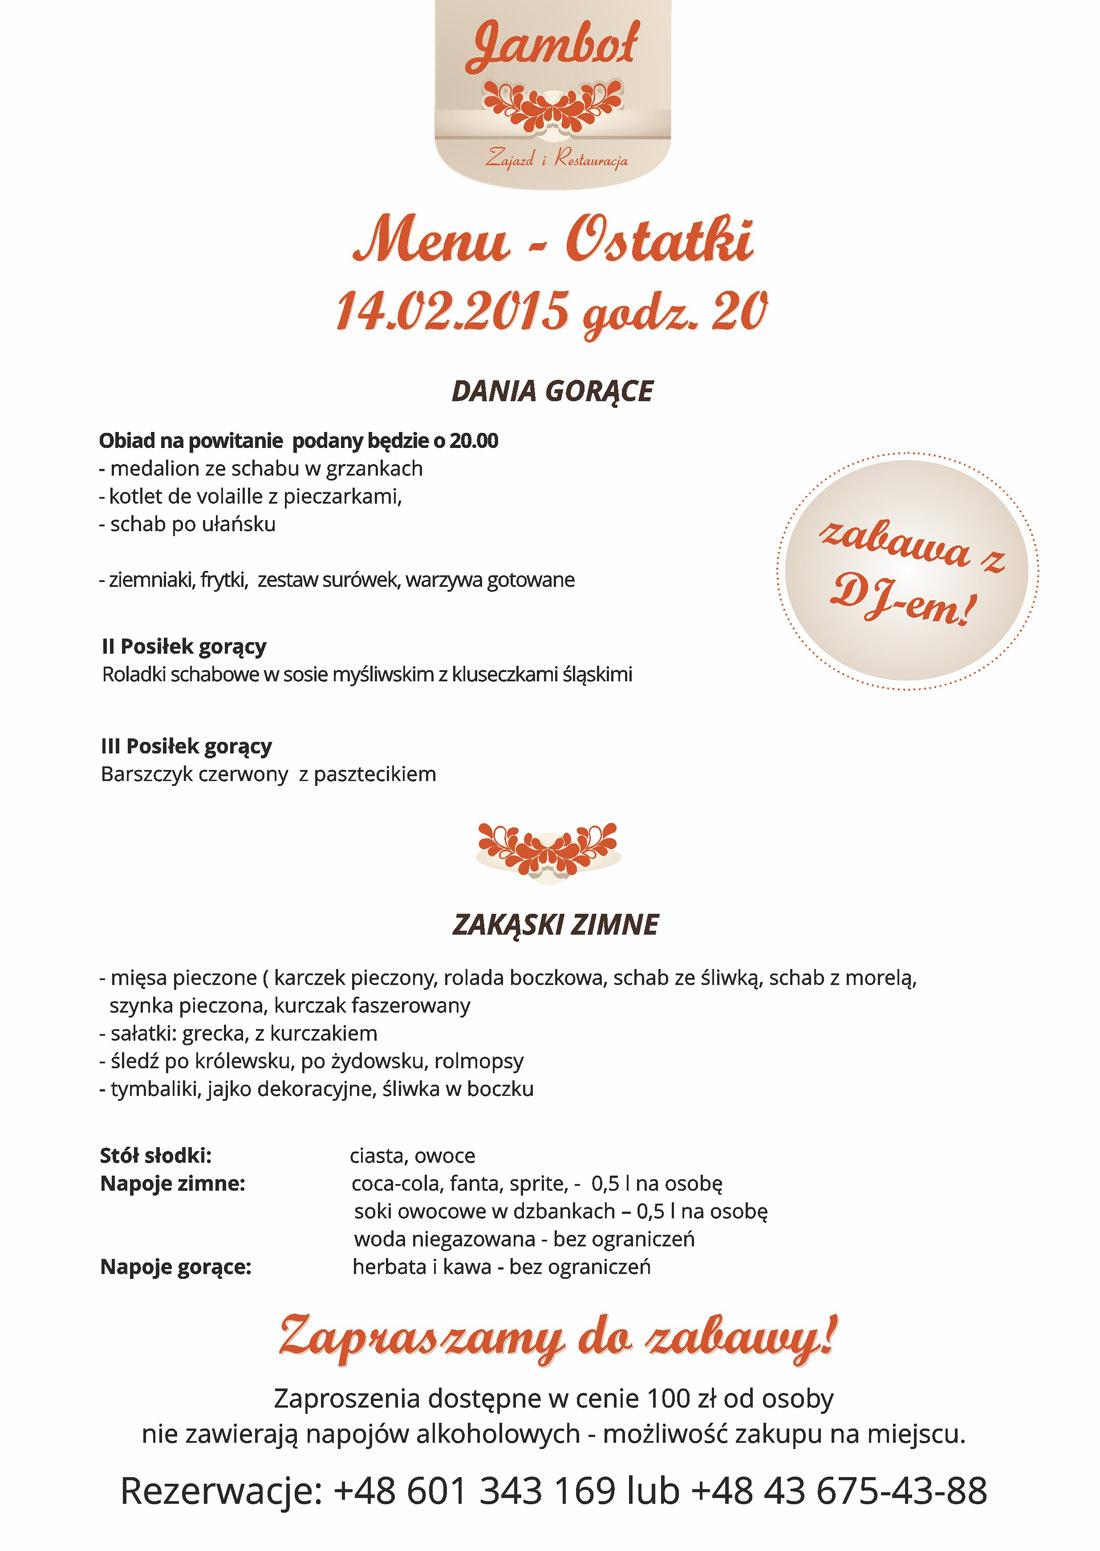 menu Jamboł ostatki 2015